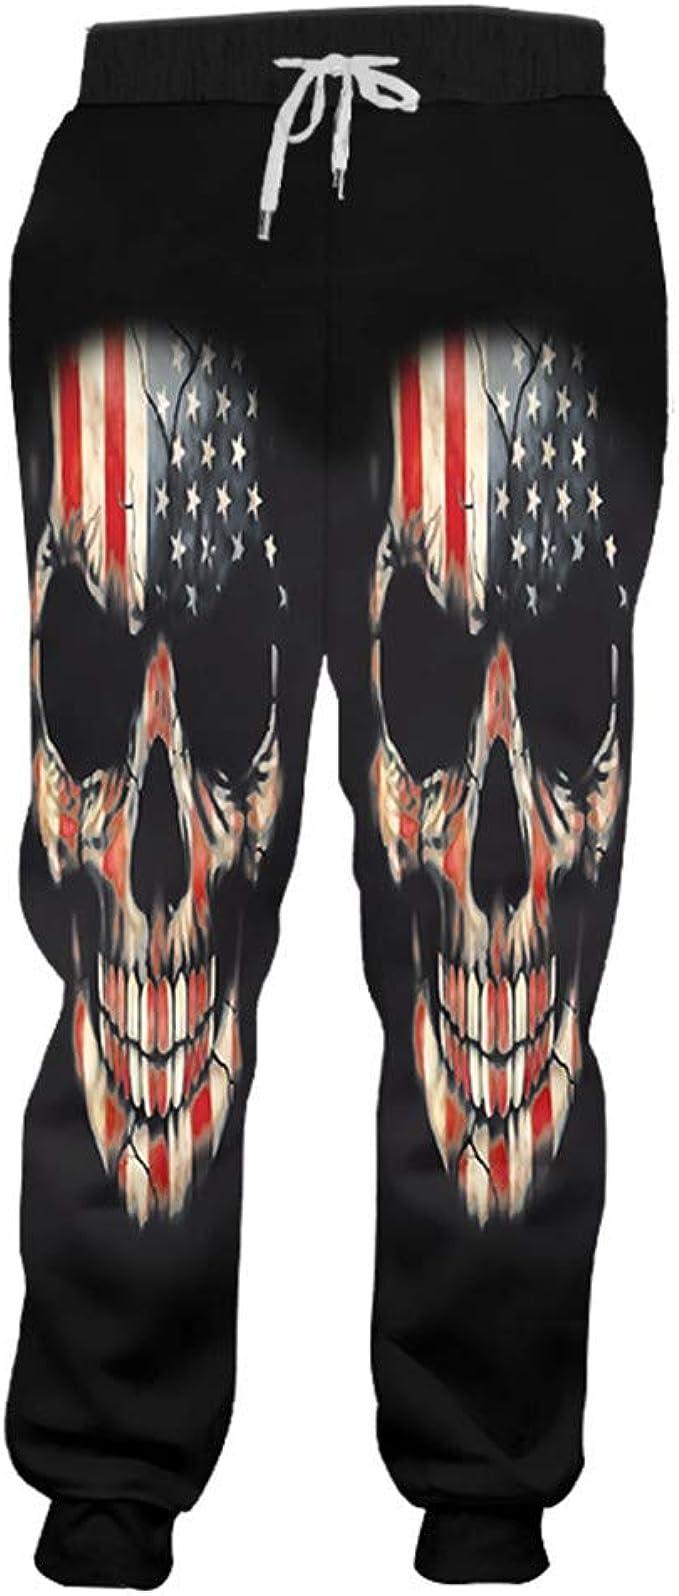 Gengemter - Pantalones de chándal Unisex con diseño de Bandera de ...